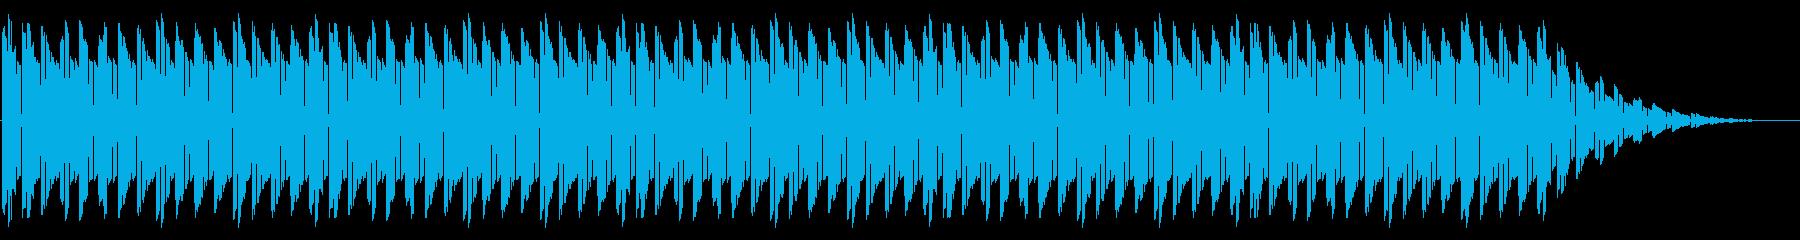 NES RPG A10-1(脱出) の再生済みの波形